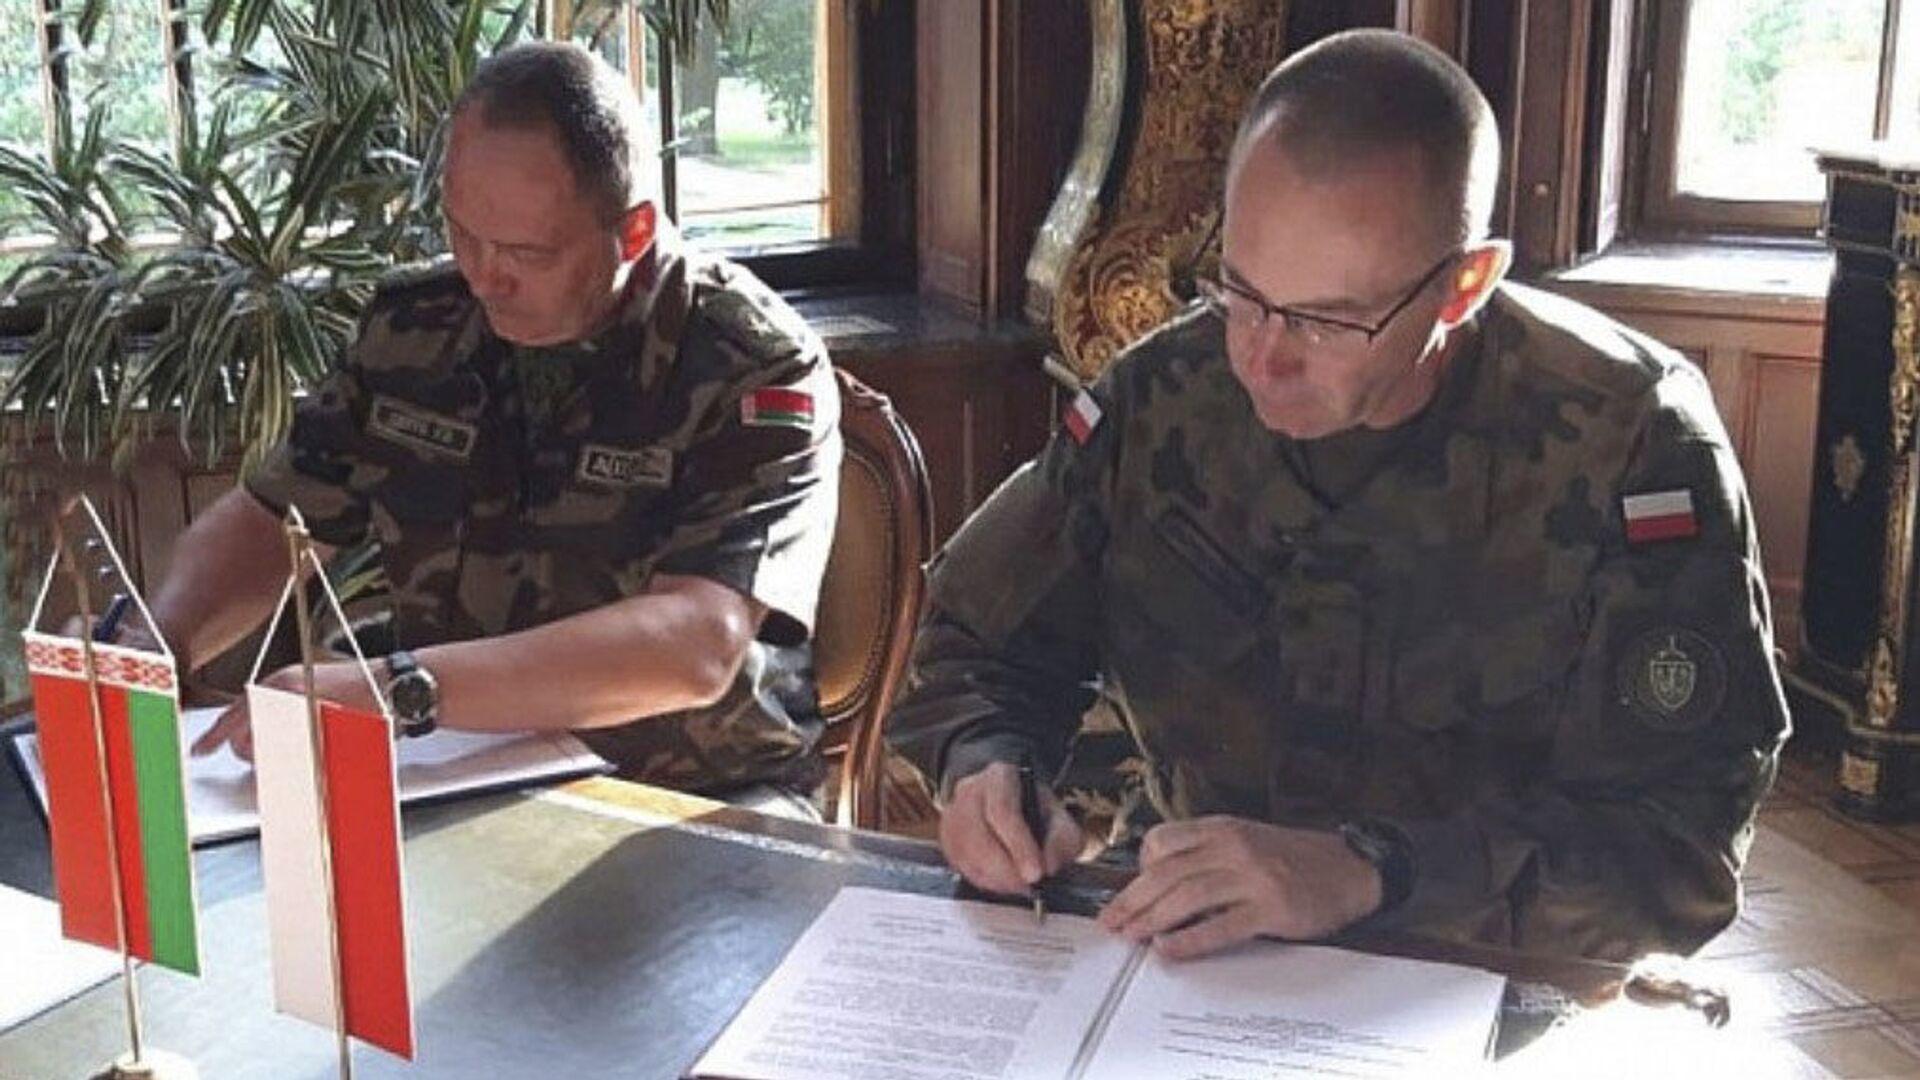 Dowódca Sił Powietrznych Białorusi generał Igor Gołub na podpisaniu umowy przewidującej wymianę informacji na temat sytuacji powietrznej w pobliżu wspólnej granicy państwowej między Białorusią a Polską - Sputnik Polska, 1920, 27.07.2021